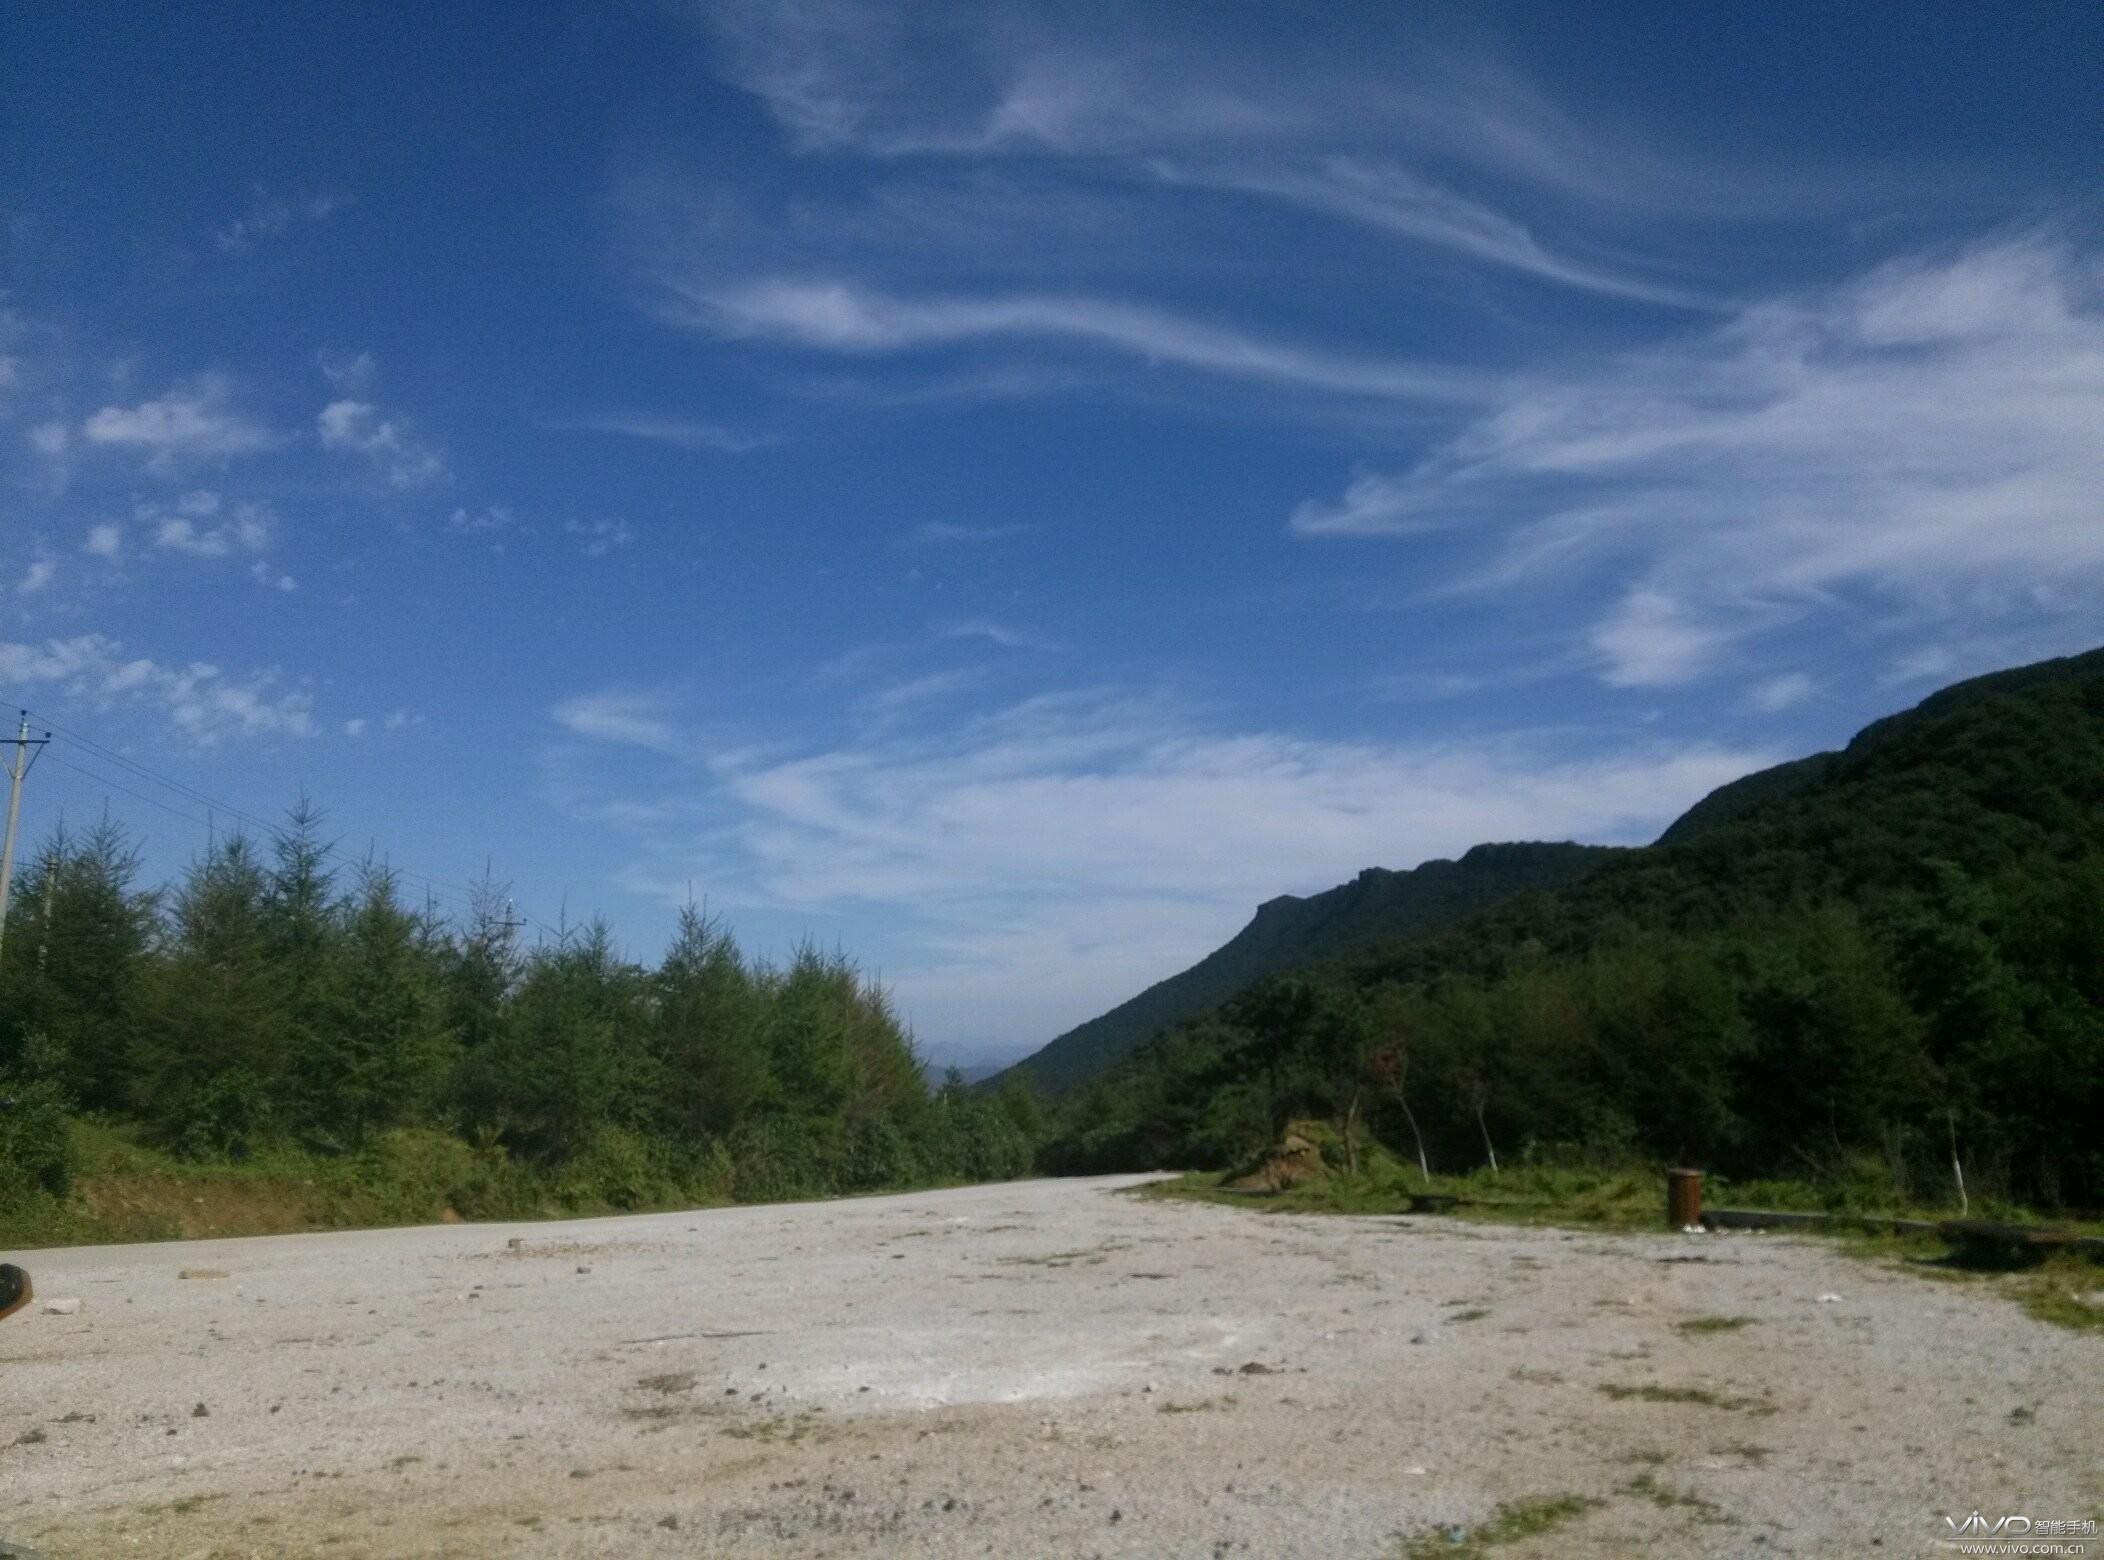 陕西汉中南郑县黎坪国家森林公园,路过